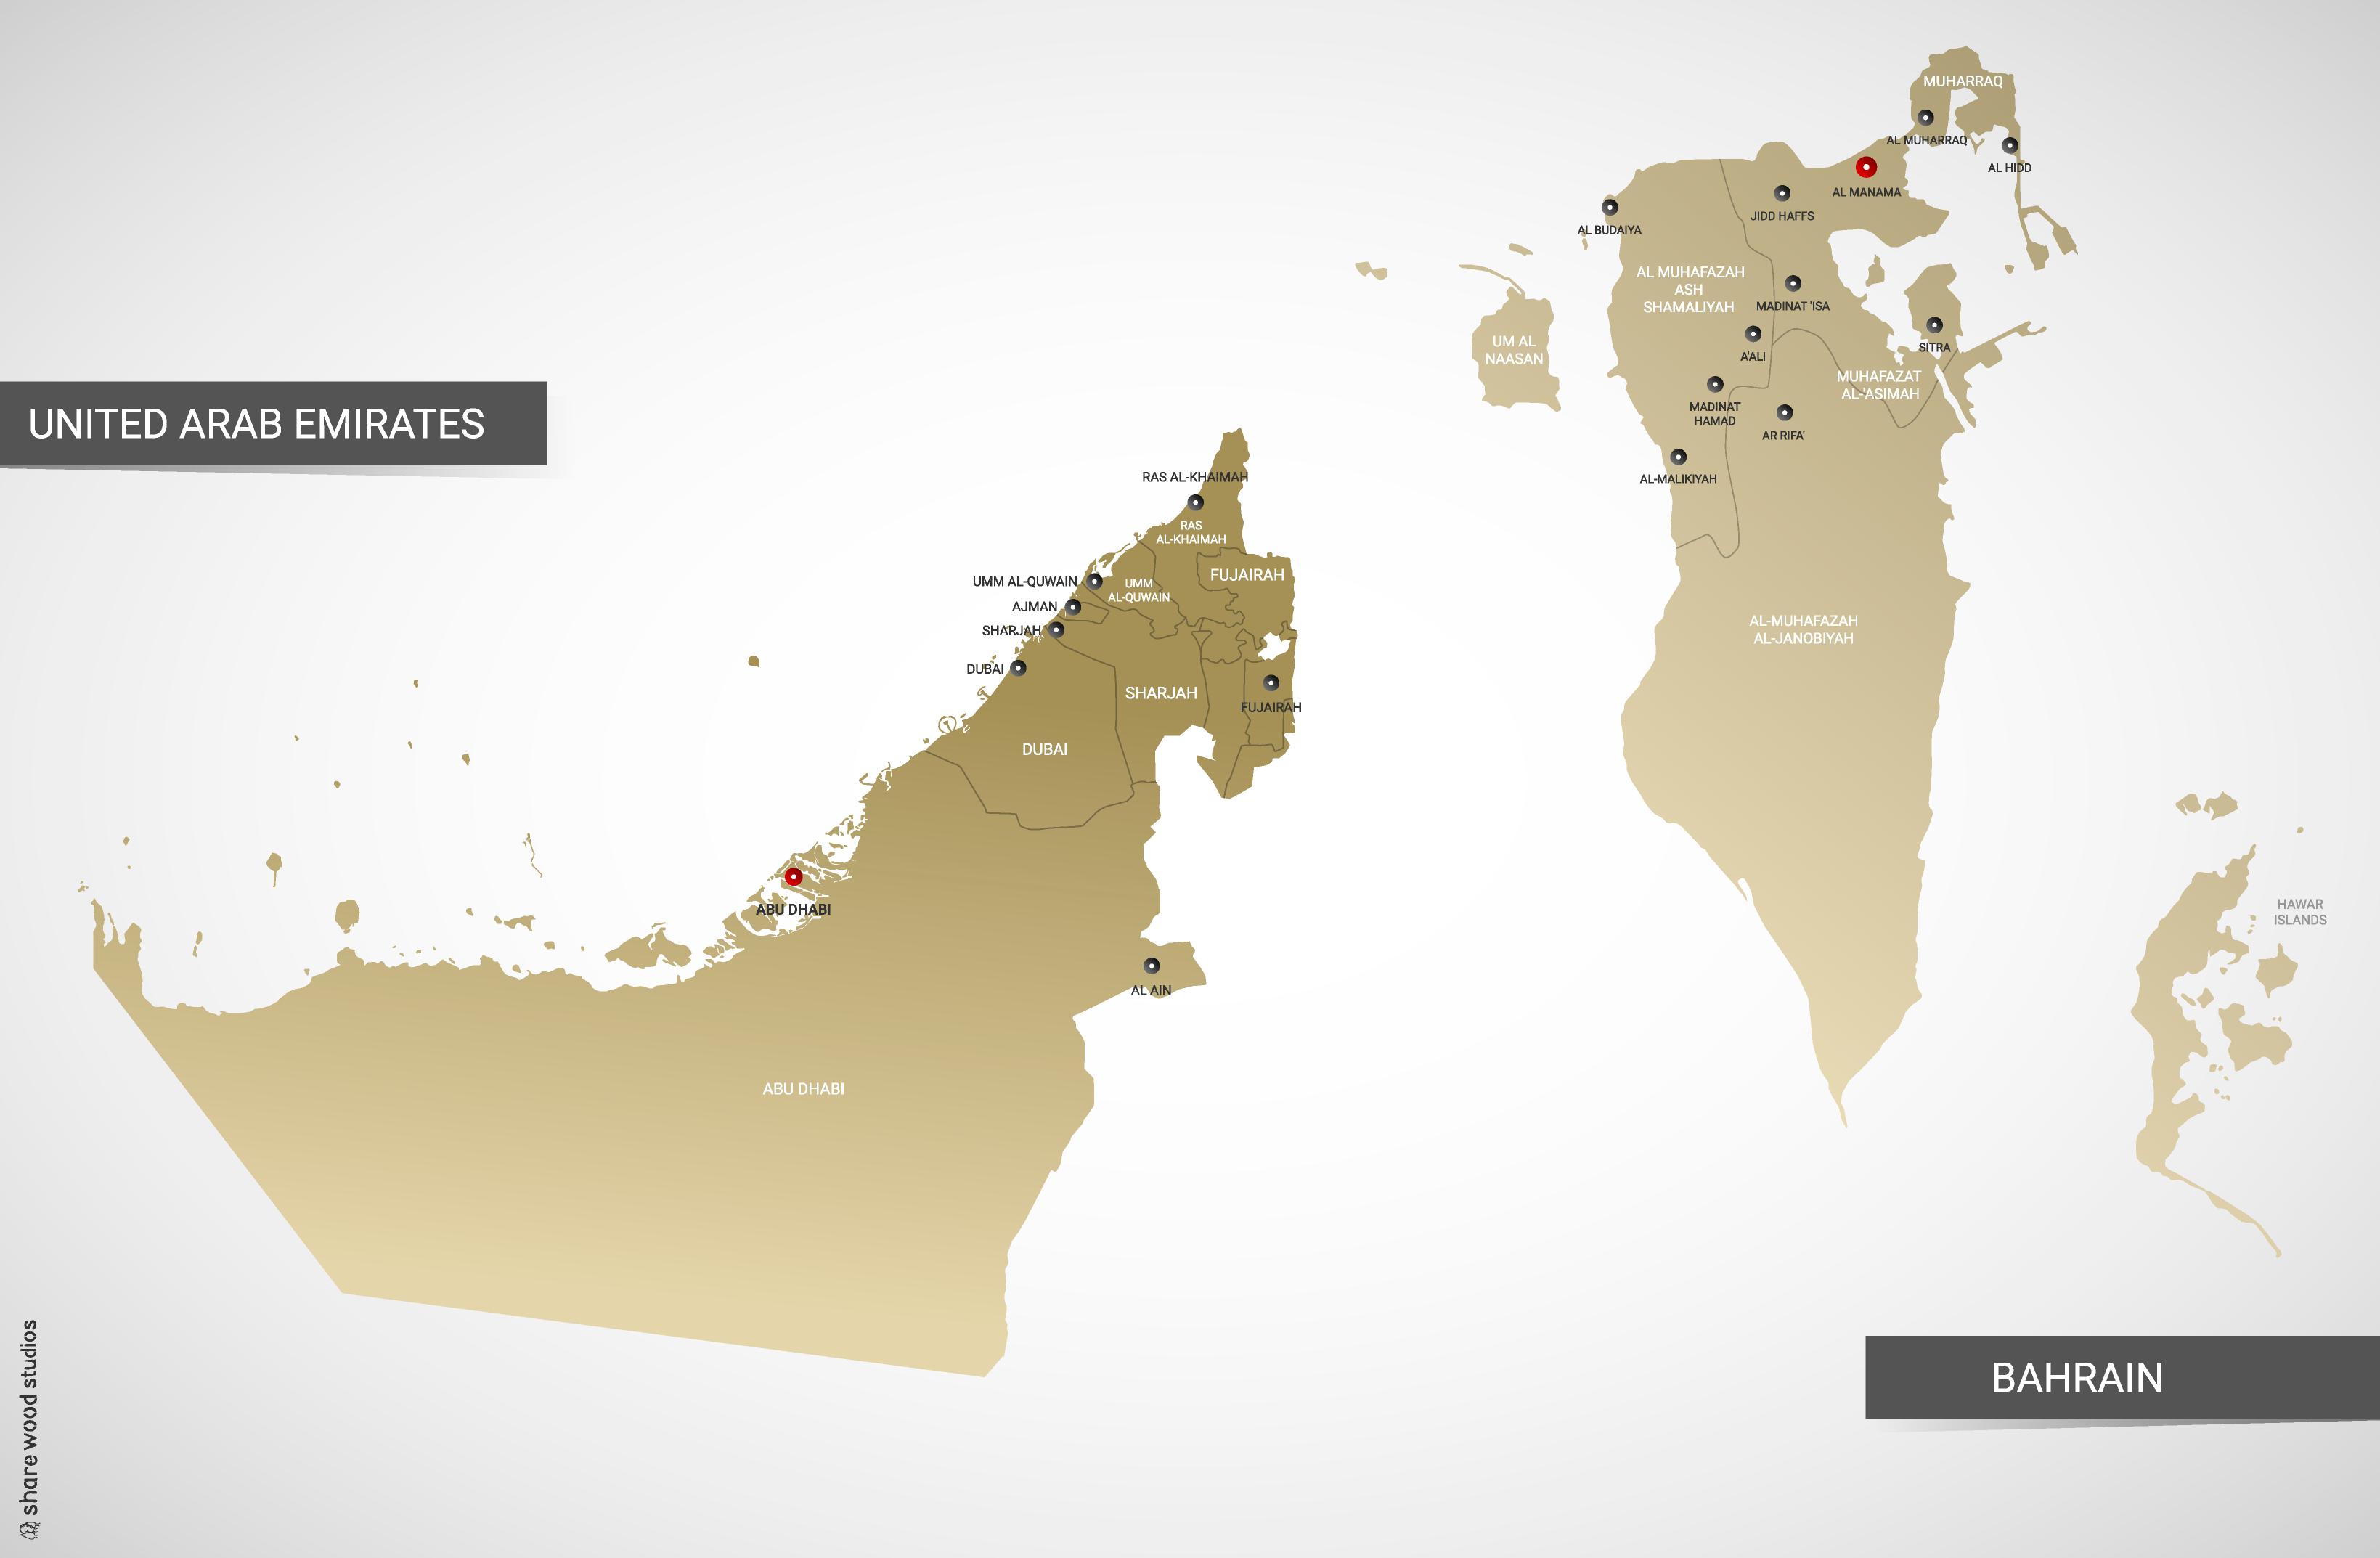 UAE BAHRAIN ISRAEL